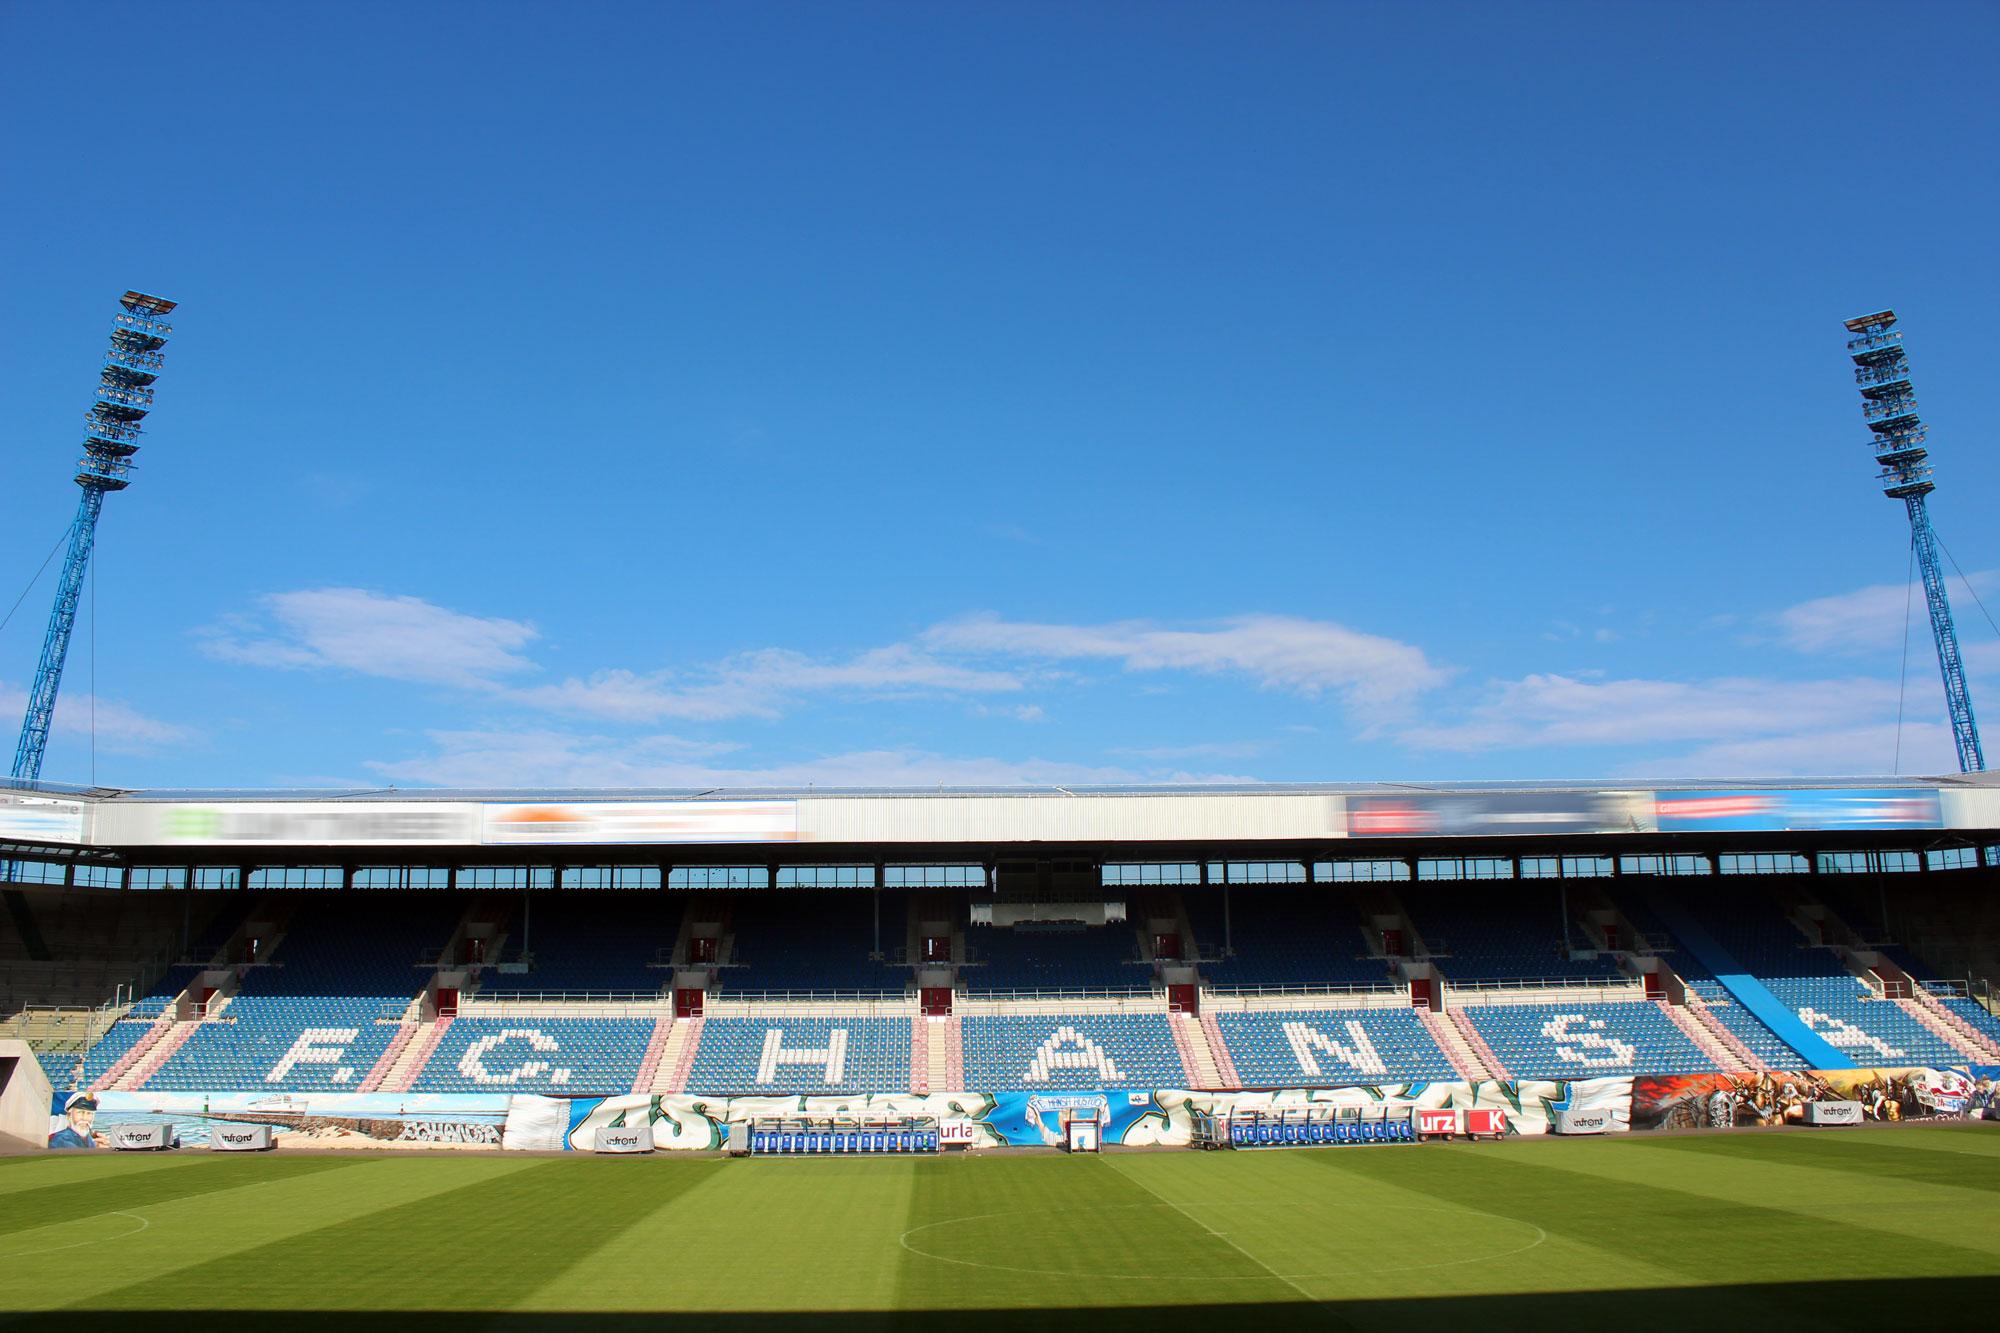 Das Ostssestadion des F.C. Hansa Rostock den Optik Sagawe als Hansaoptiker unterstützt